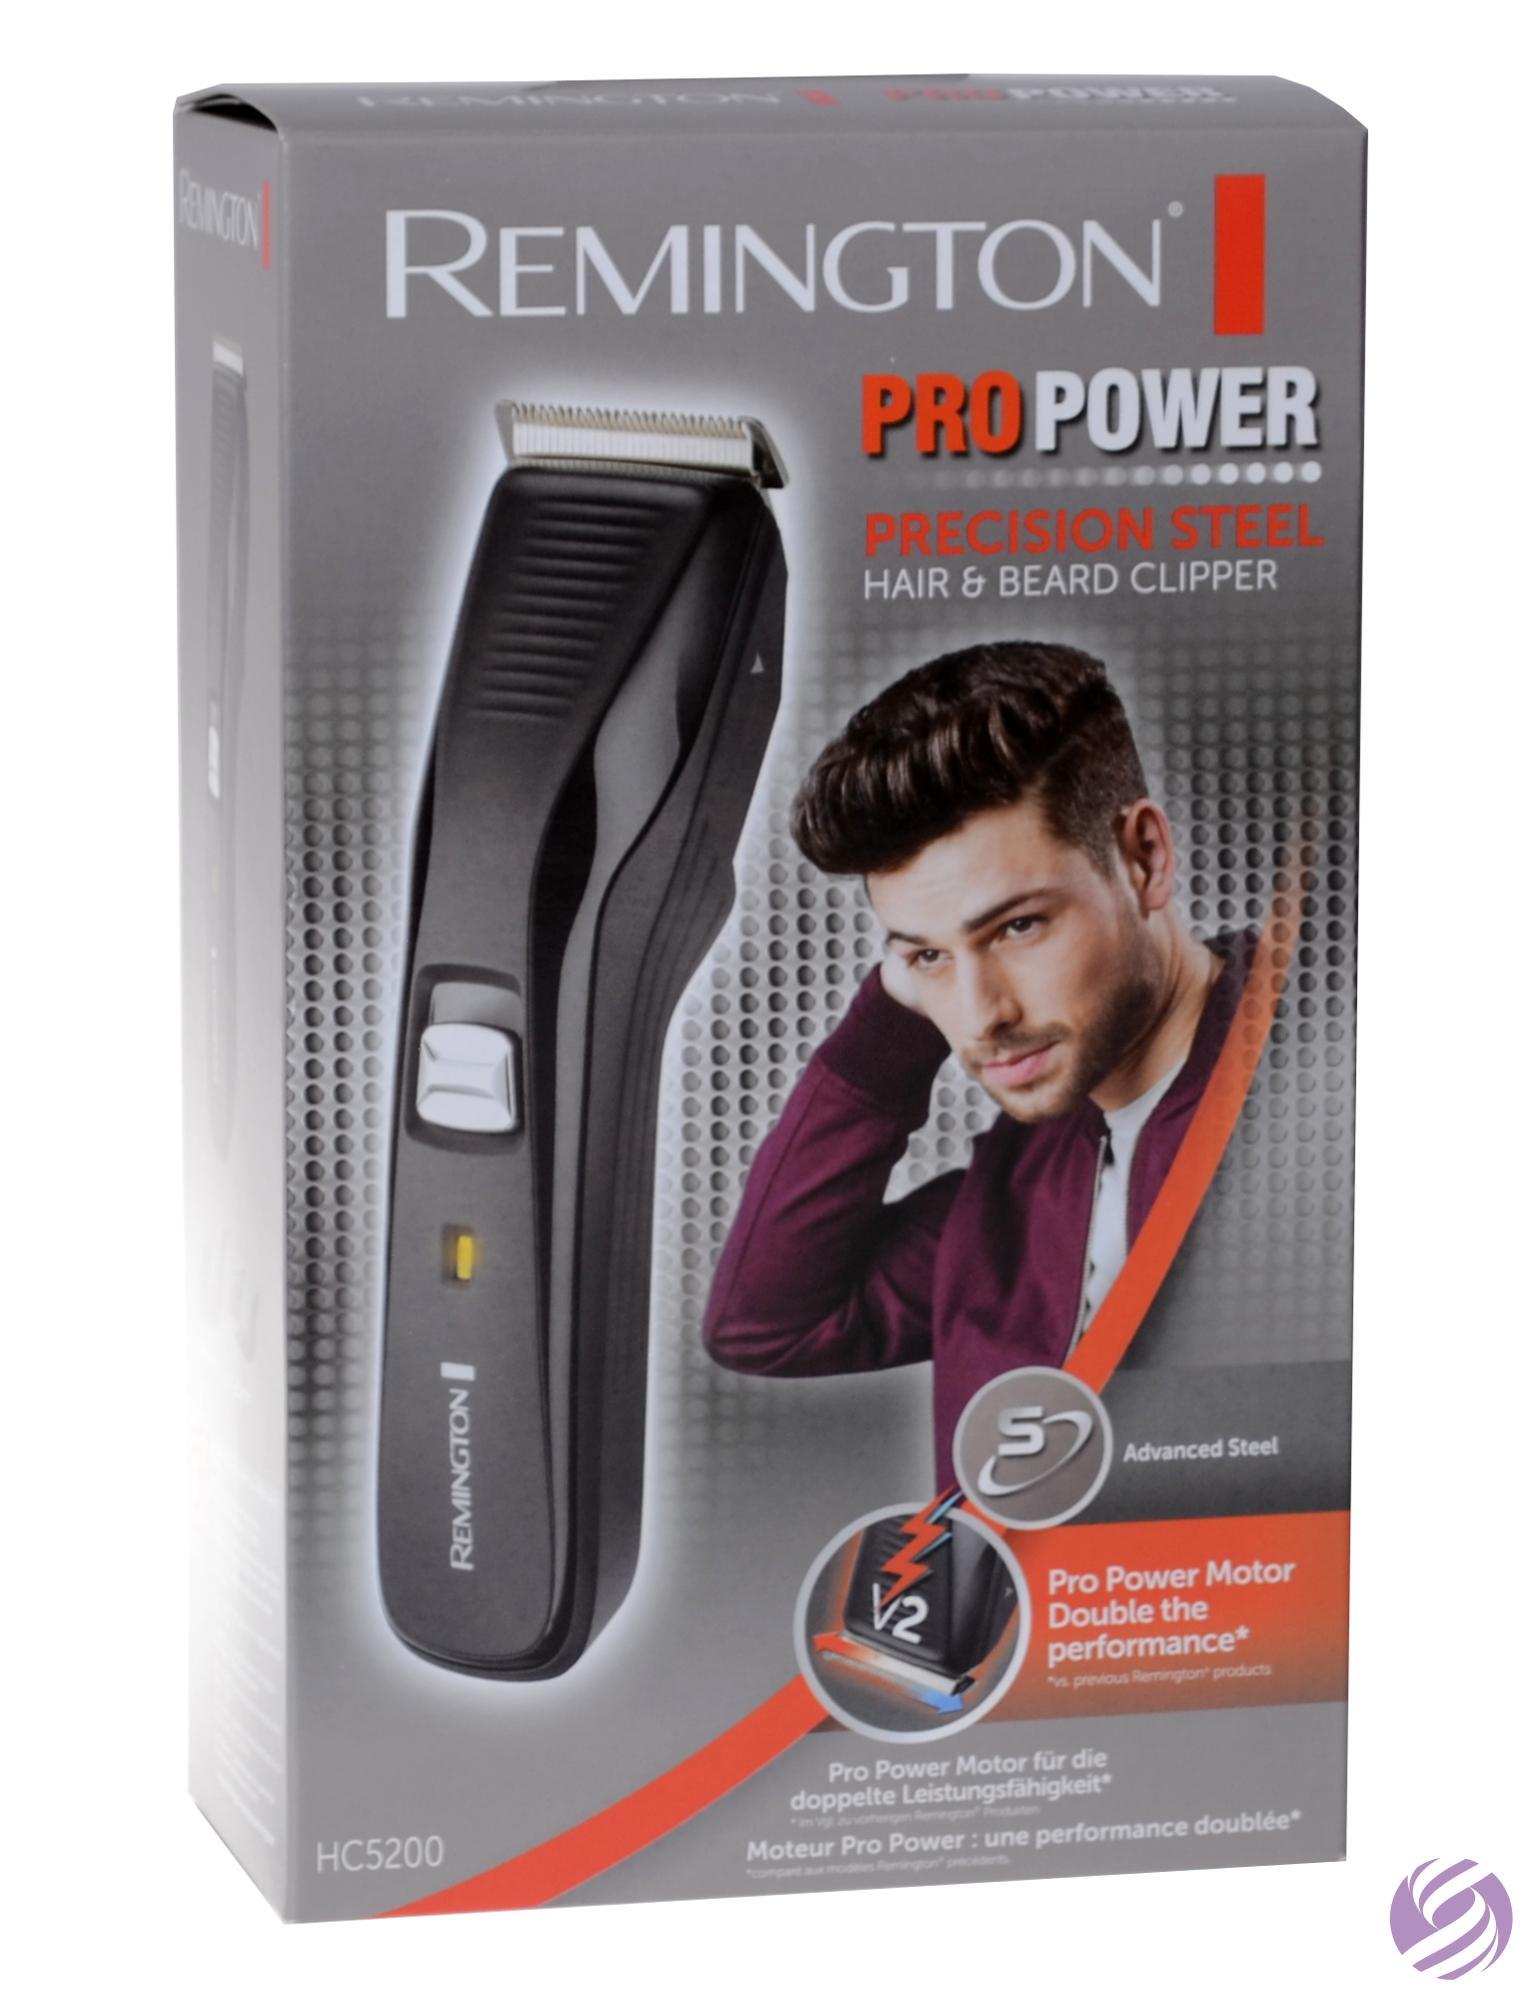 Remington Zastřihovač vlasů Pro Power HC5200 - Remington  b8552981b2b